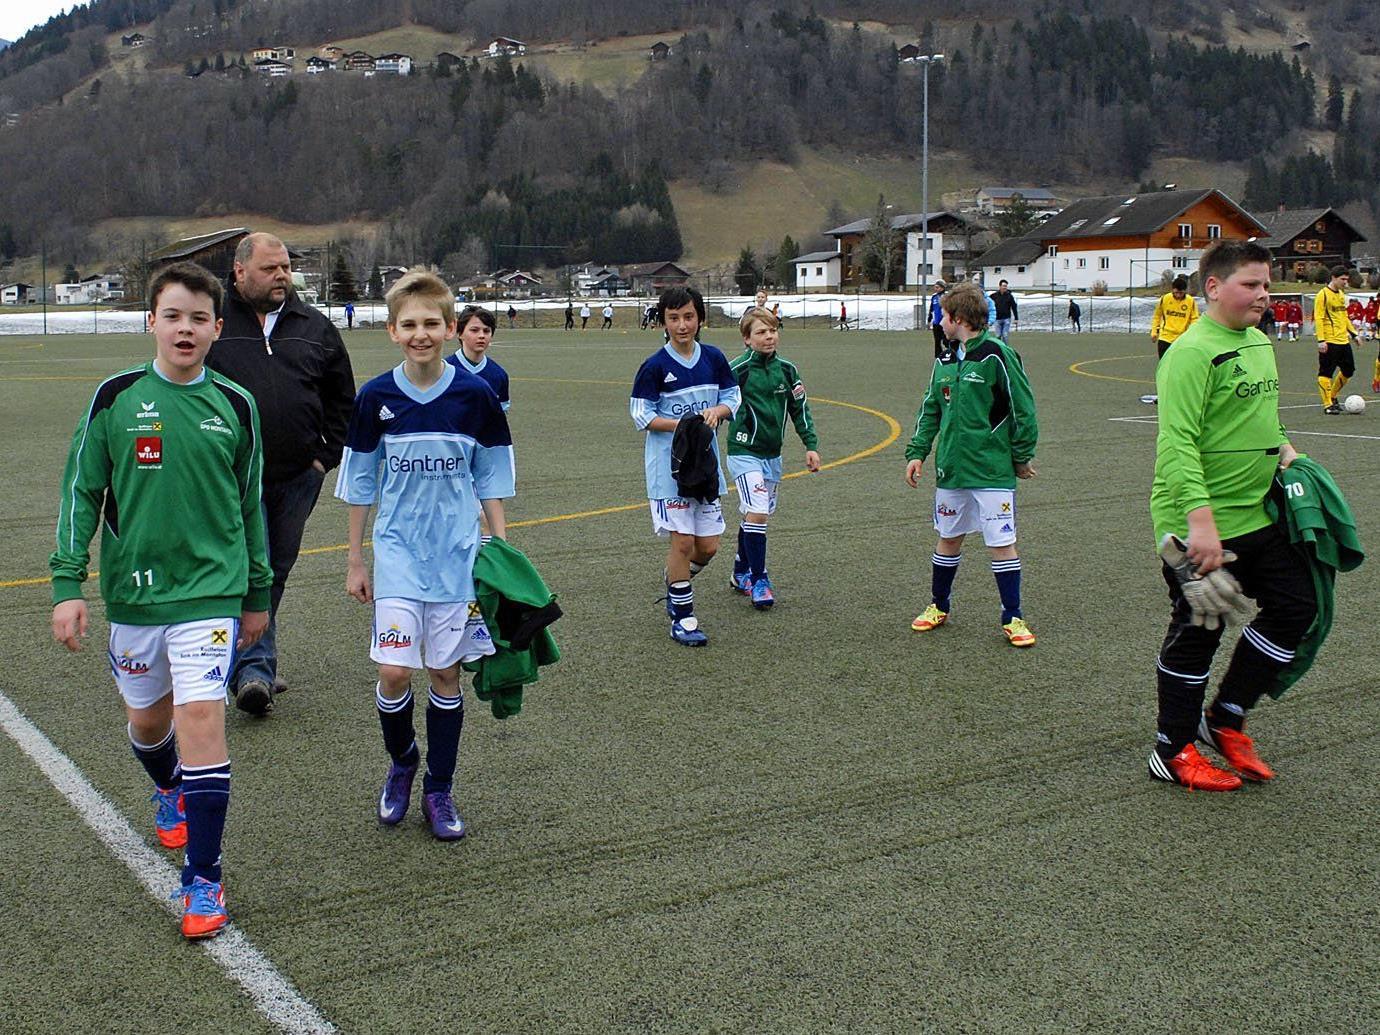 Einige Mitglieder der SPG Montafon U13 nach dem ersten Vorbereitungsspiel im Aktivpark Montafon